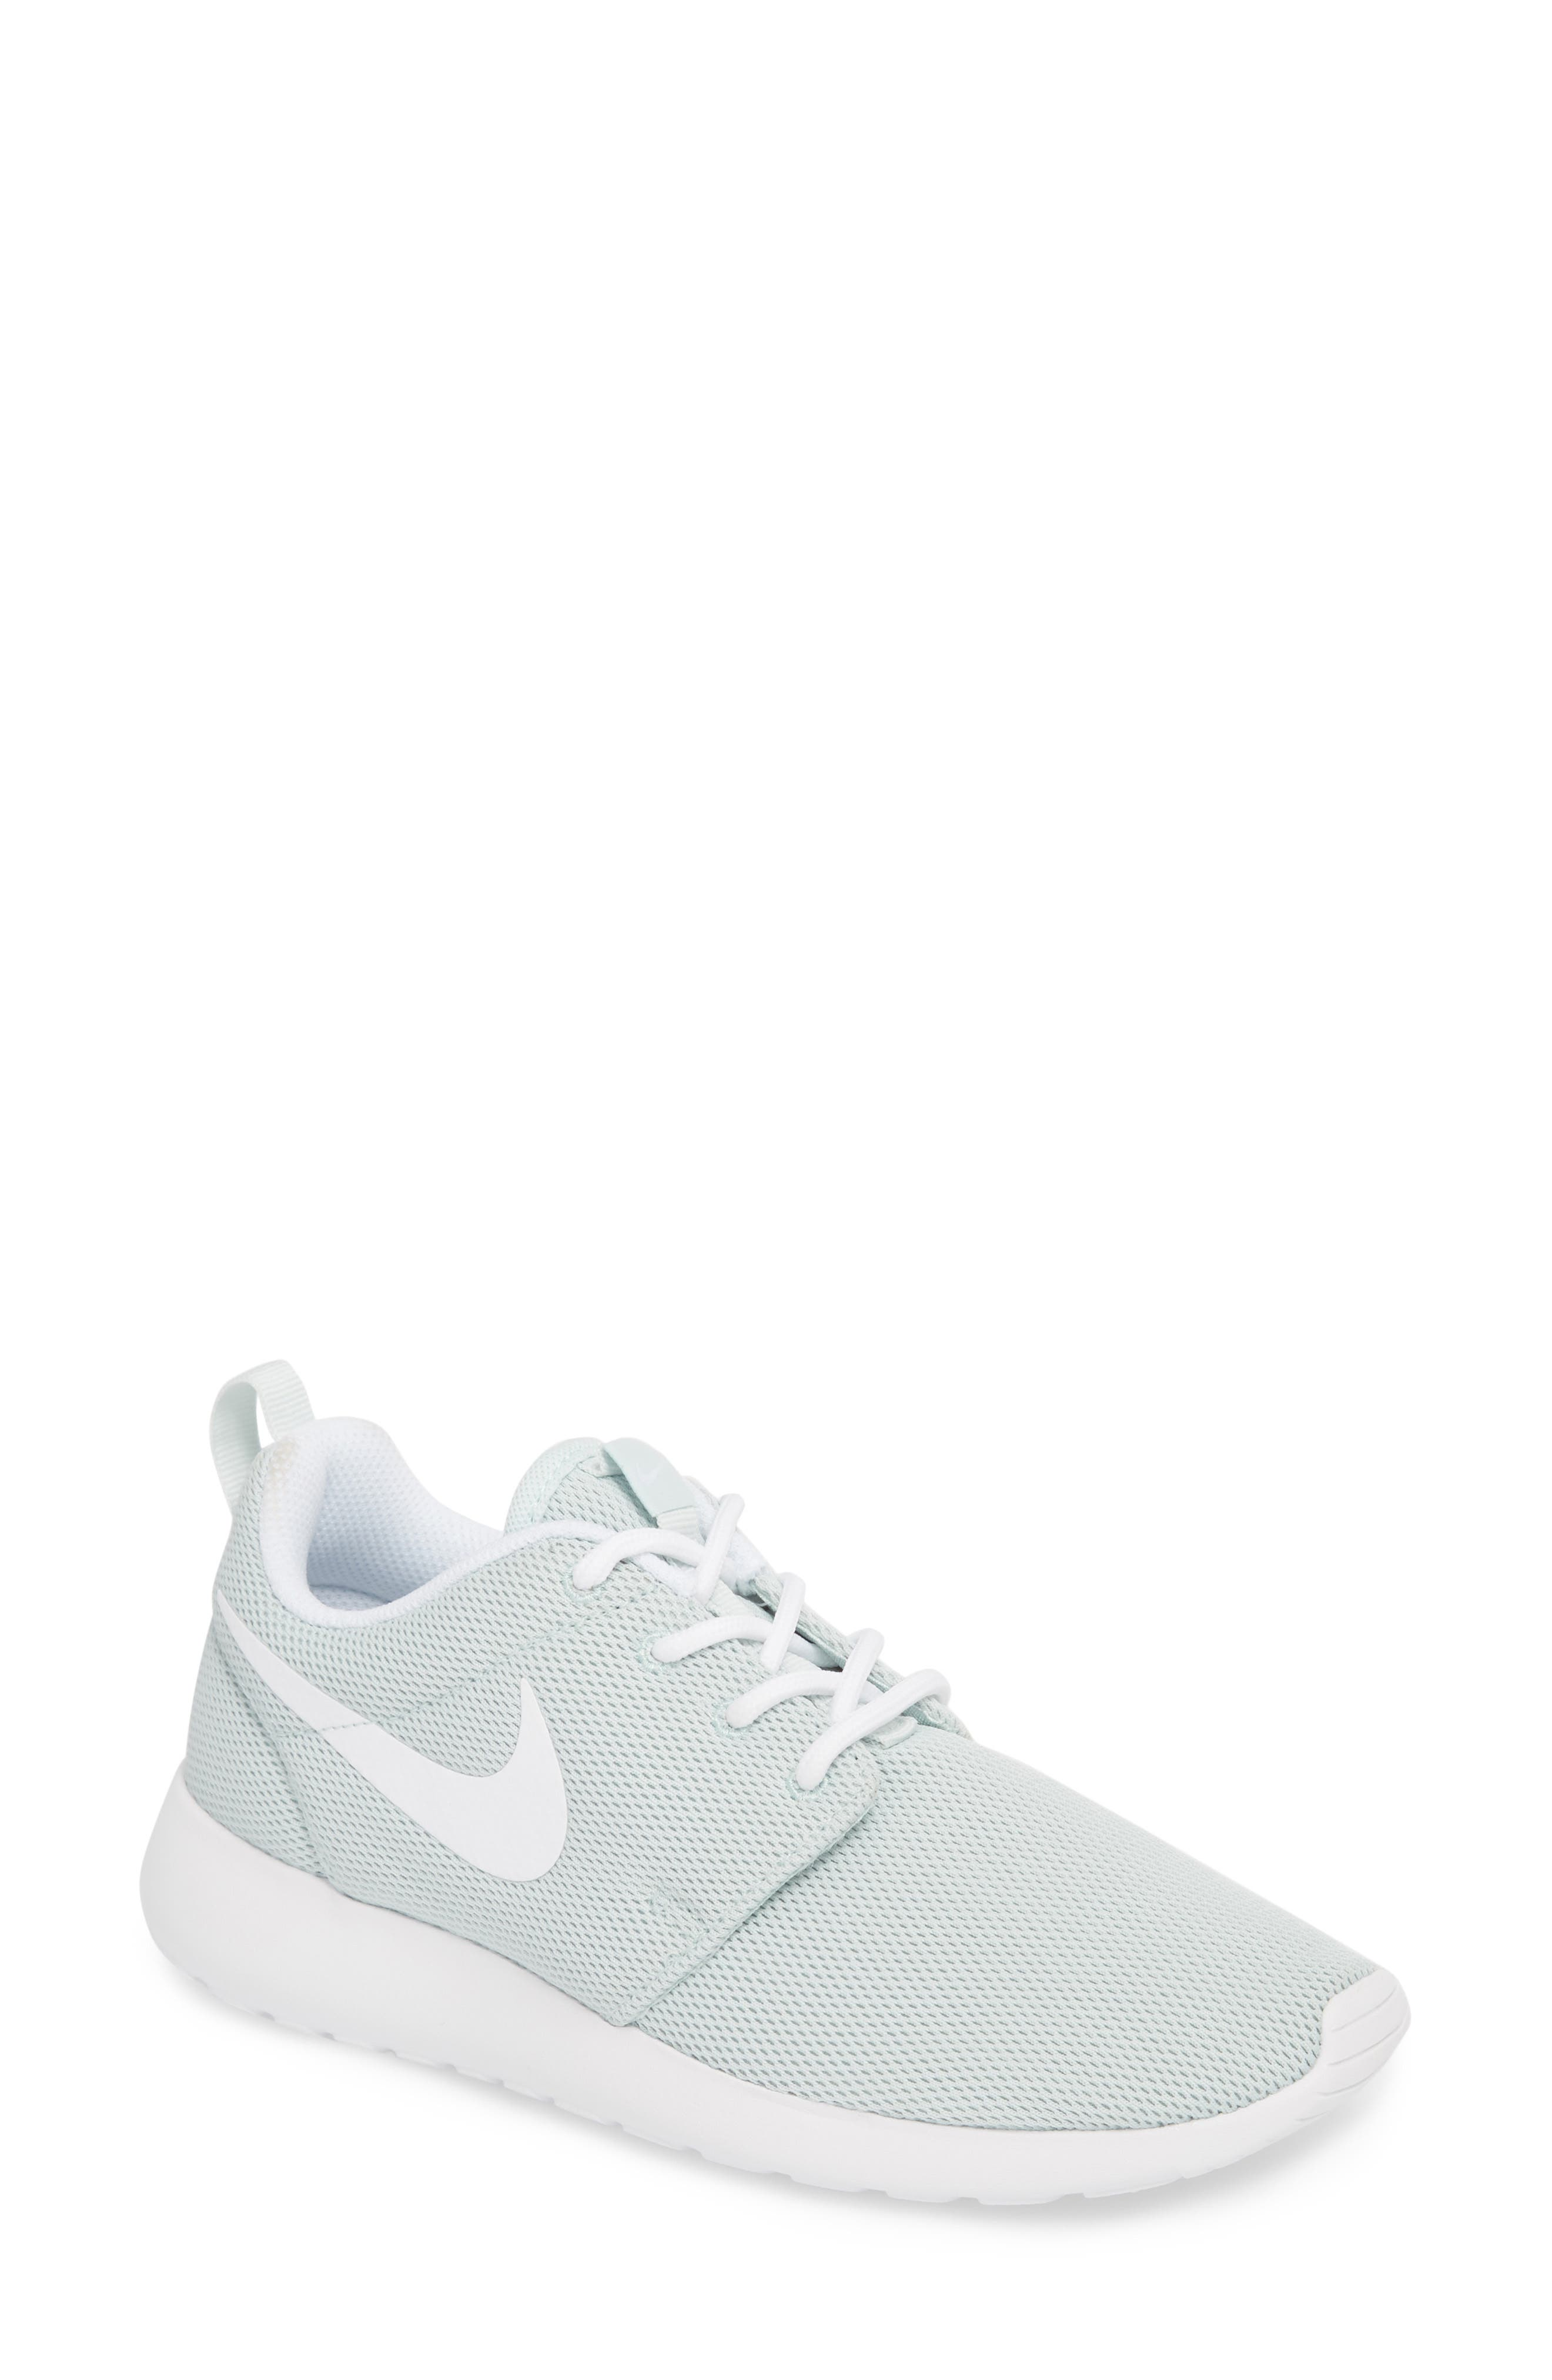 NIKE 'Roshe One' Sneaker, Main, color, 303